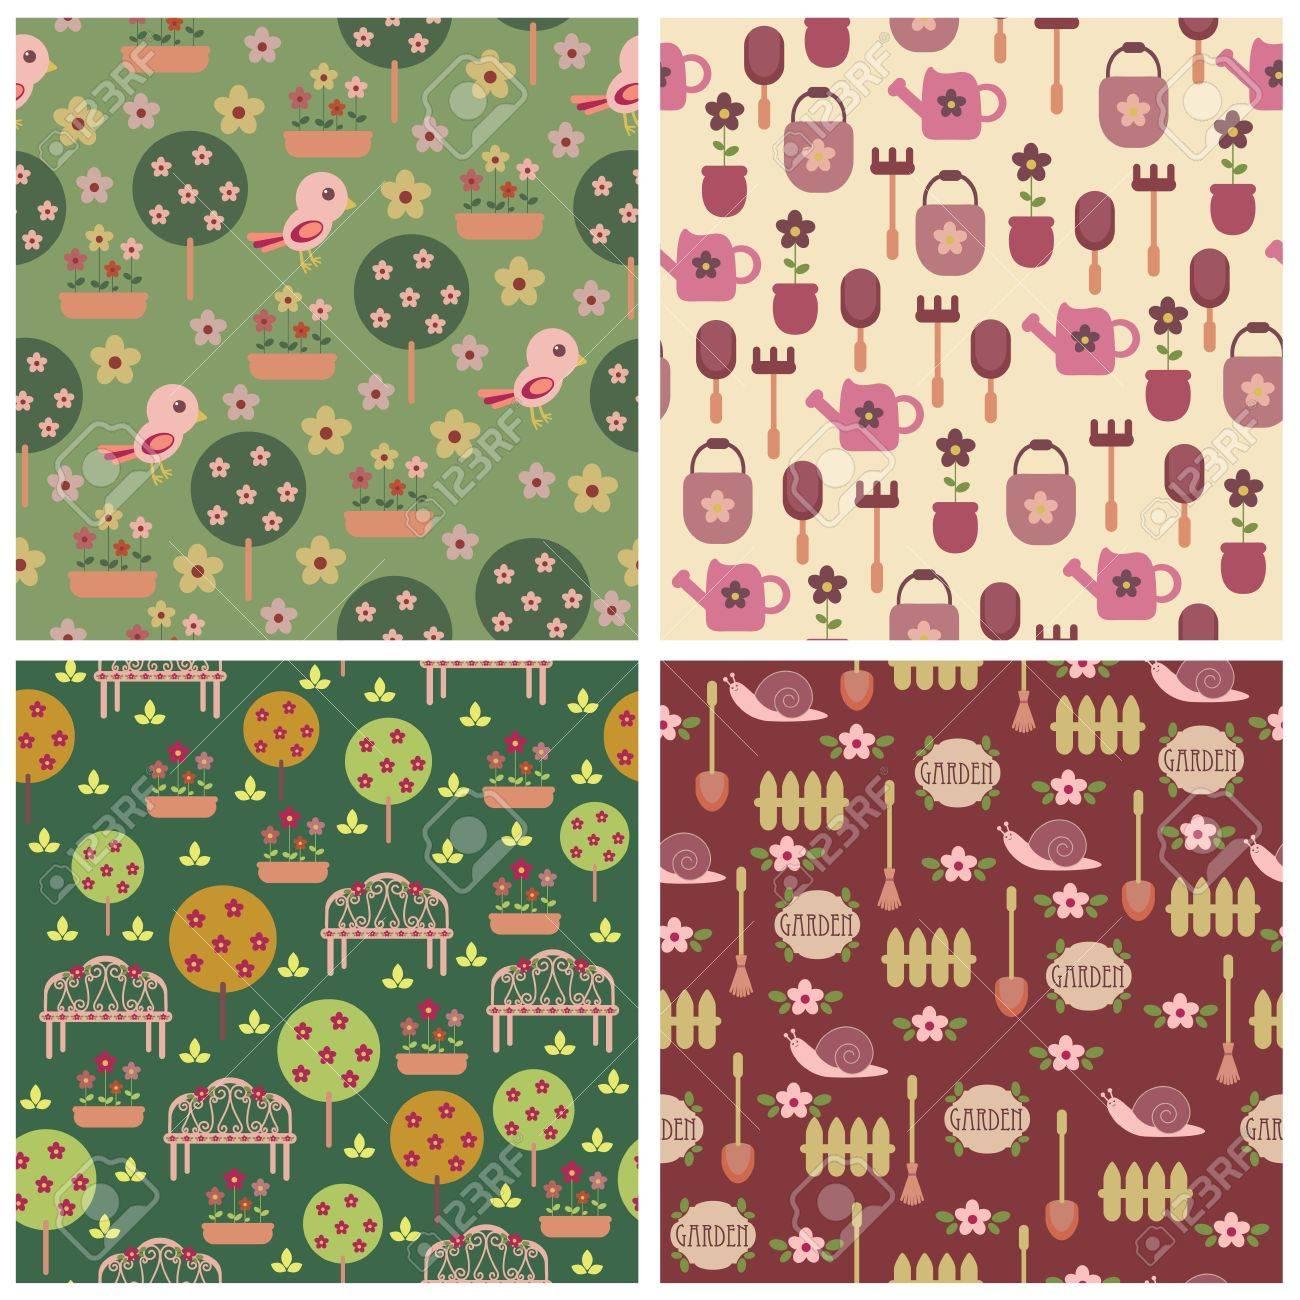 Seamless garden wallpapers Stock Vector - 11250498